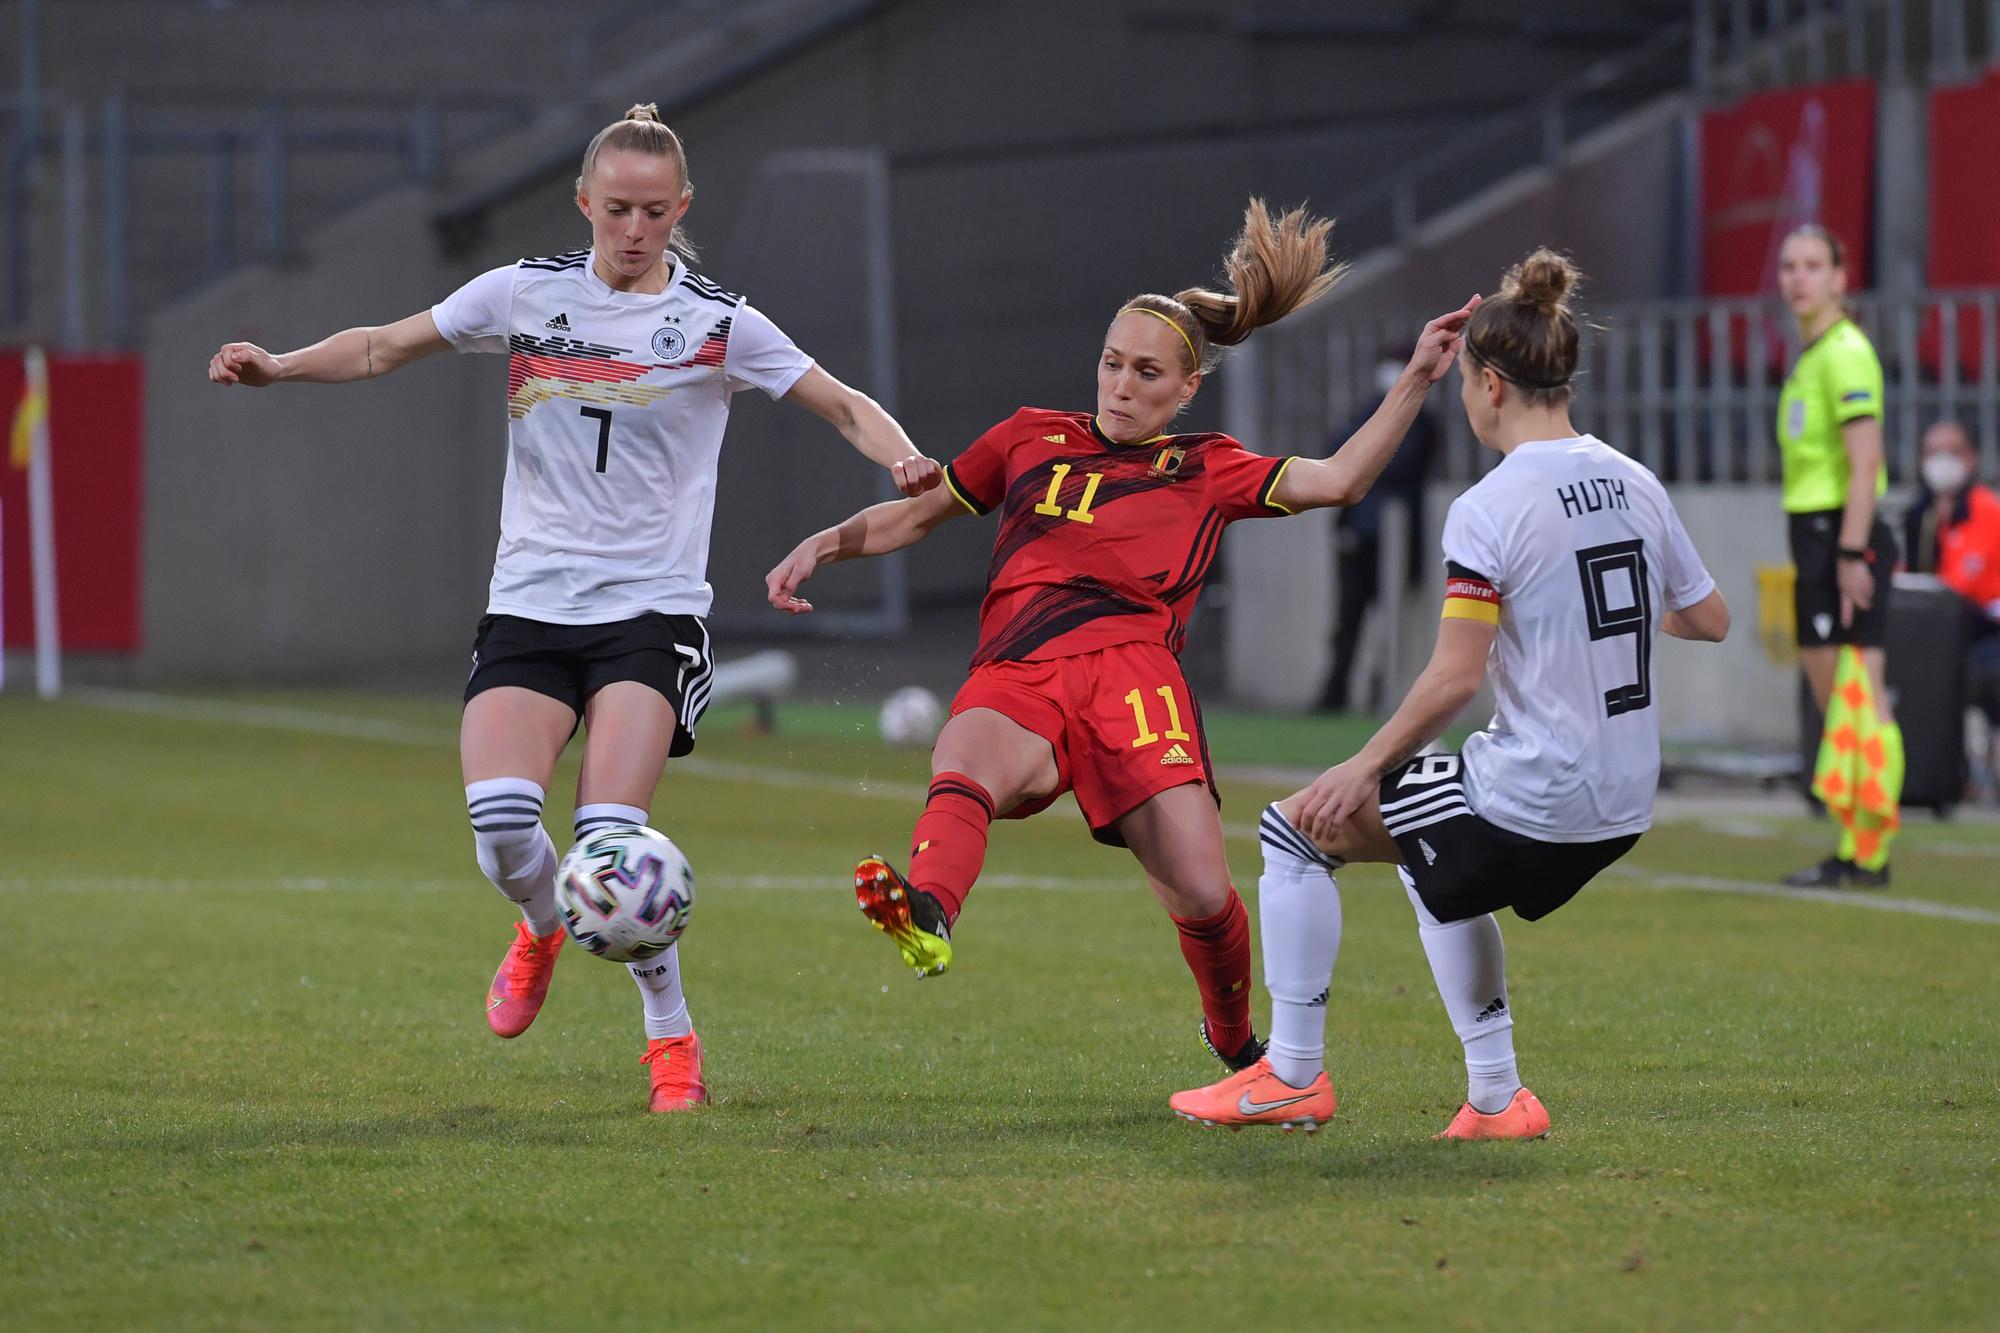 L'écart était grand entre la Belgique et l'Allemagne, même si les Flames ont montré un meilleur visage face à cette dernière équipe., SIPAUSACOLLECTIONS